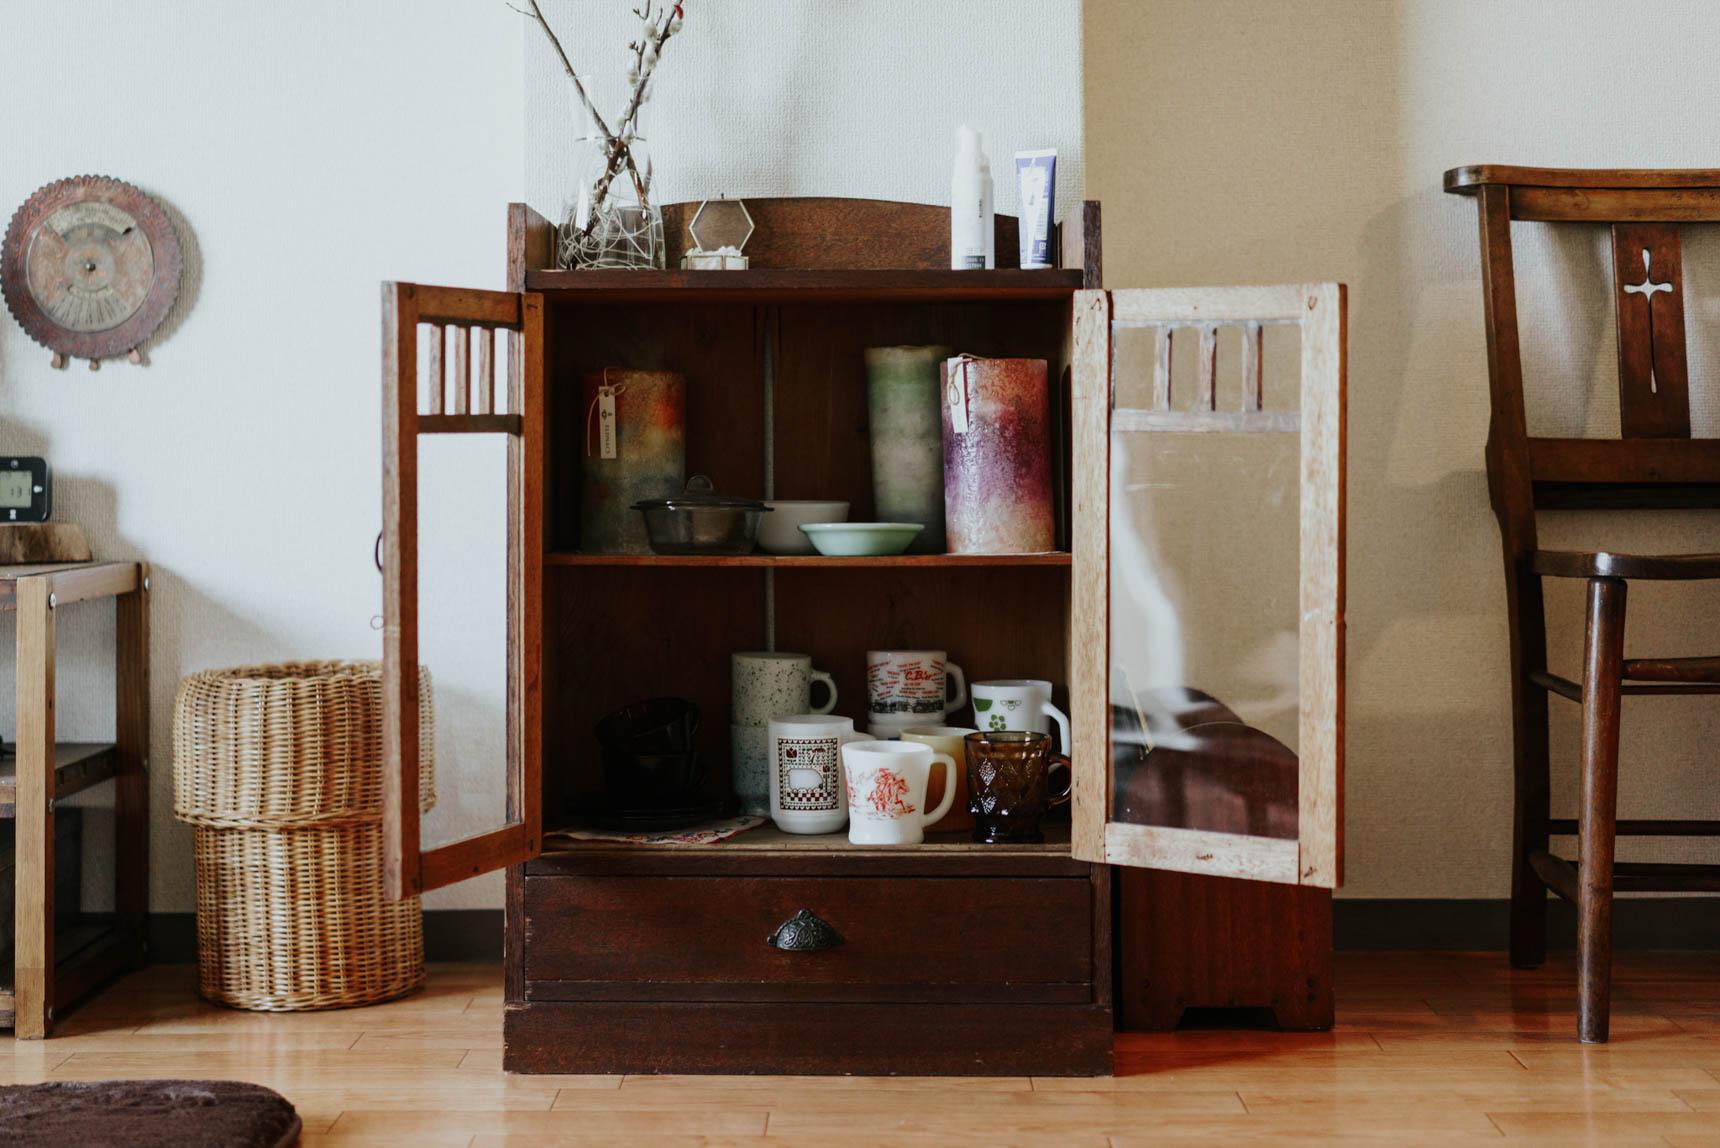 おしゃれなリビング&キッチンに「ゴミ箱」をなじませる、10コの実例まとめ